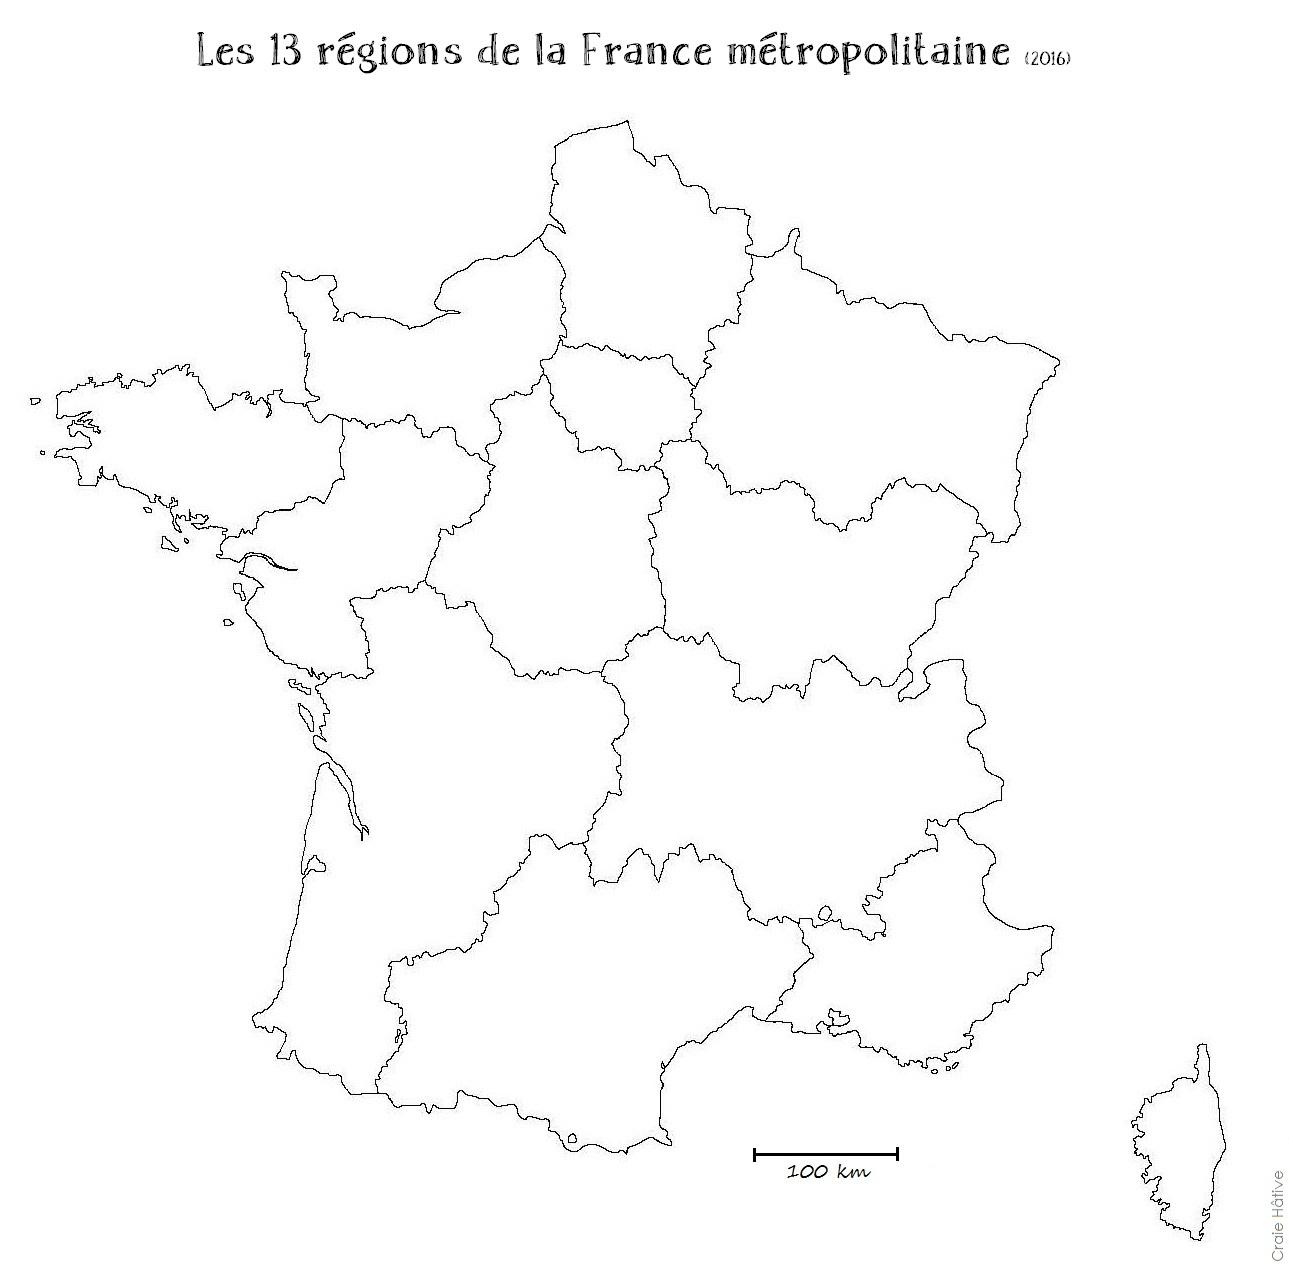 Ressources Numériques, Carte De France Vierge Nouvelles Régions tout Carte Des Régions De France Vierge